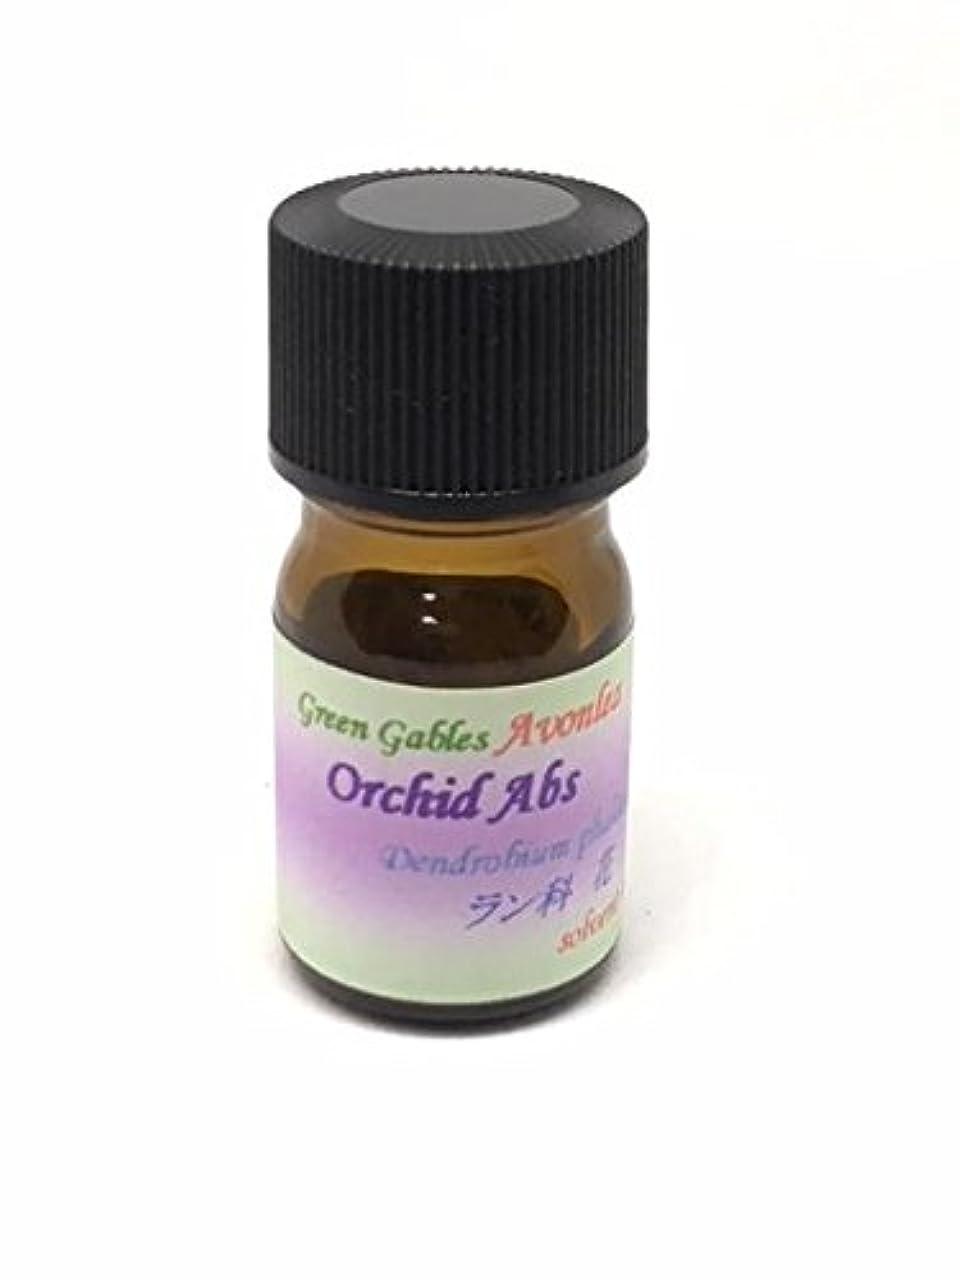 変装したコーデリア砂漠令和の花 オーキッドAbs100%ピュアエッセンシャルオイル 蘭花の精油 OrchidAbs (30ml)